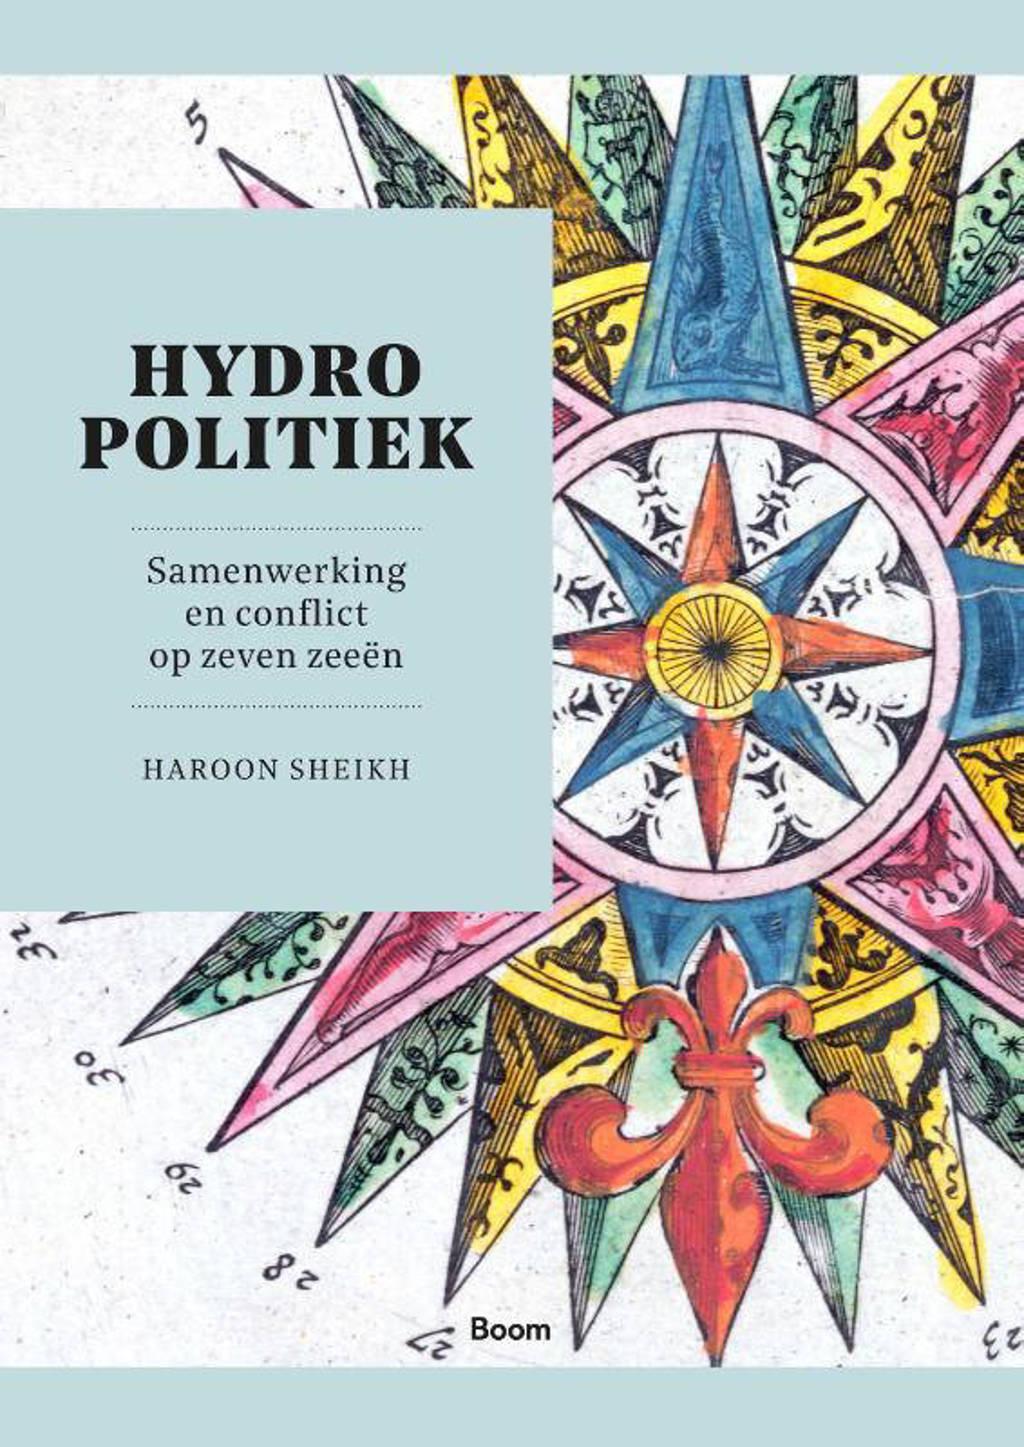 Hydropolitiek - Haroon Sheikh